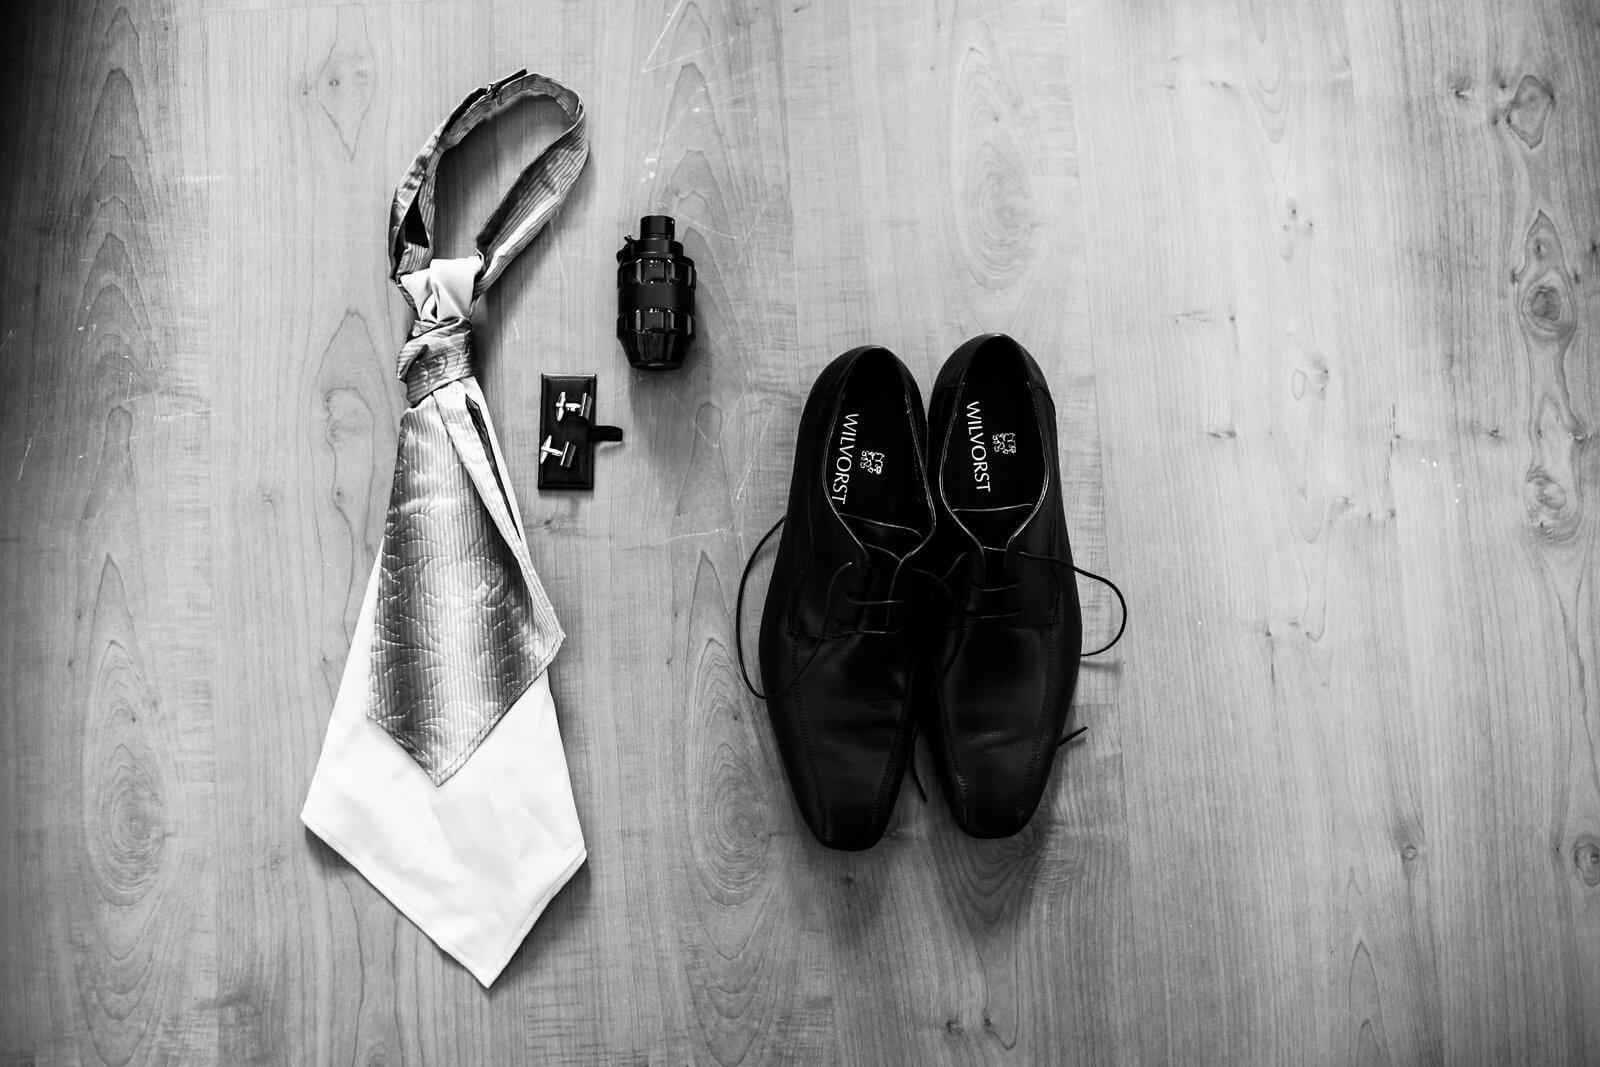 Hochzeitschuhe Fotografie Hochzeit